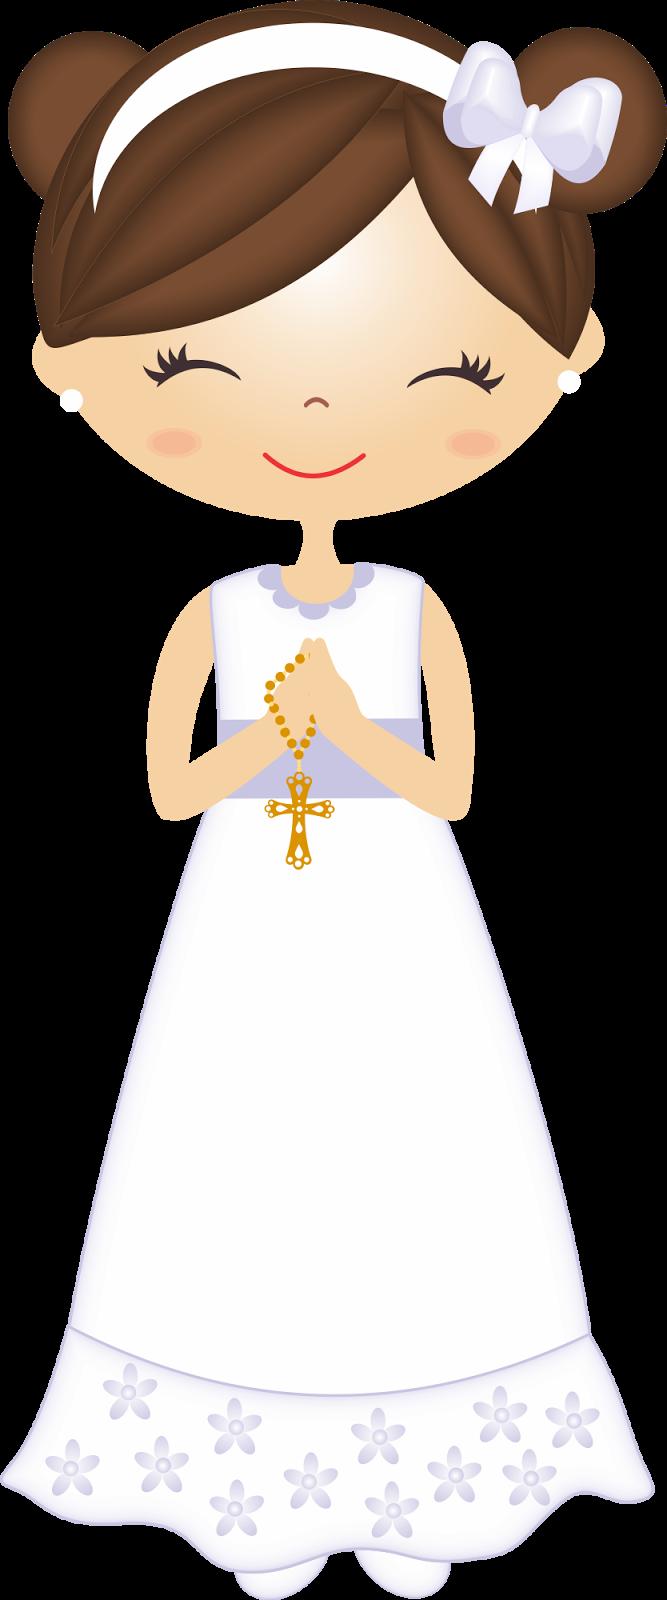 Clipart de Nenas en su Primera Comunión. | mi primera Comunión ... for Communion Girl Clipart  584dqh